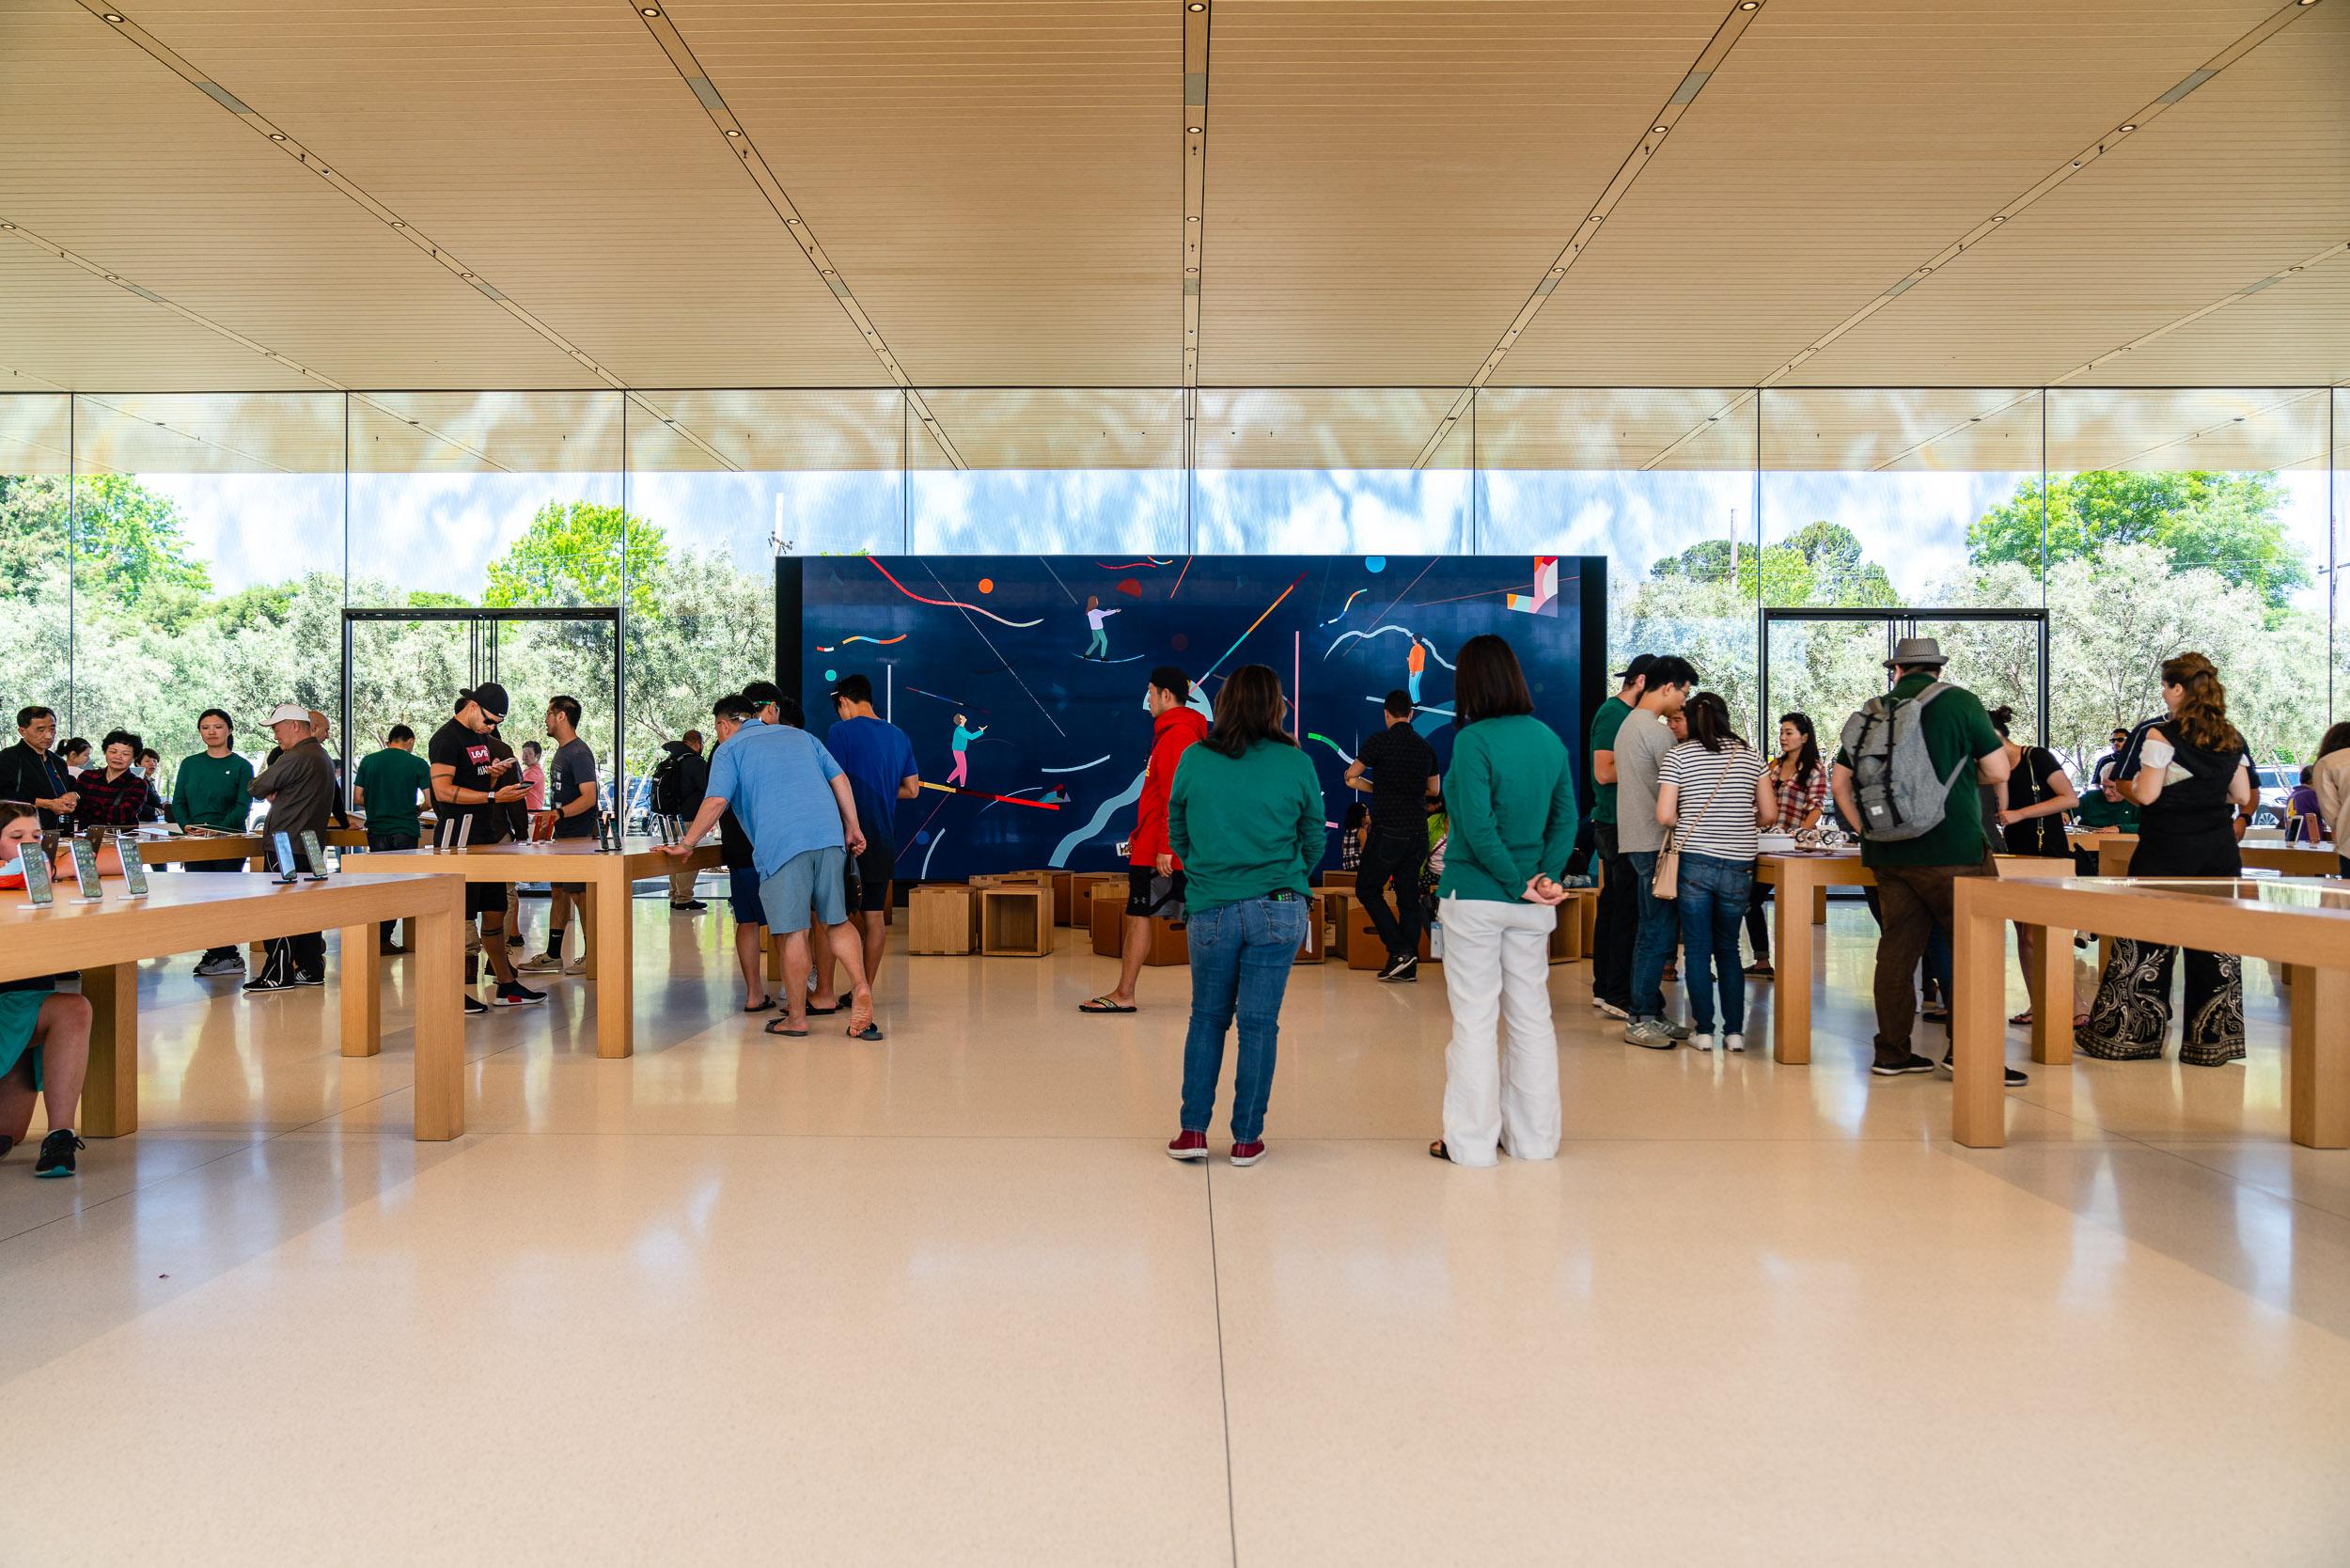 20180610-apple-park-DSC03323.jpg